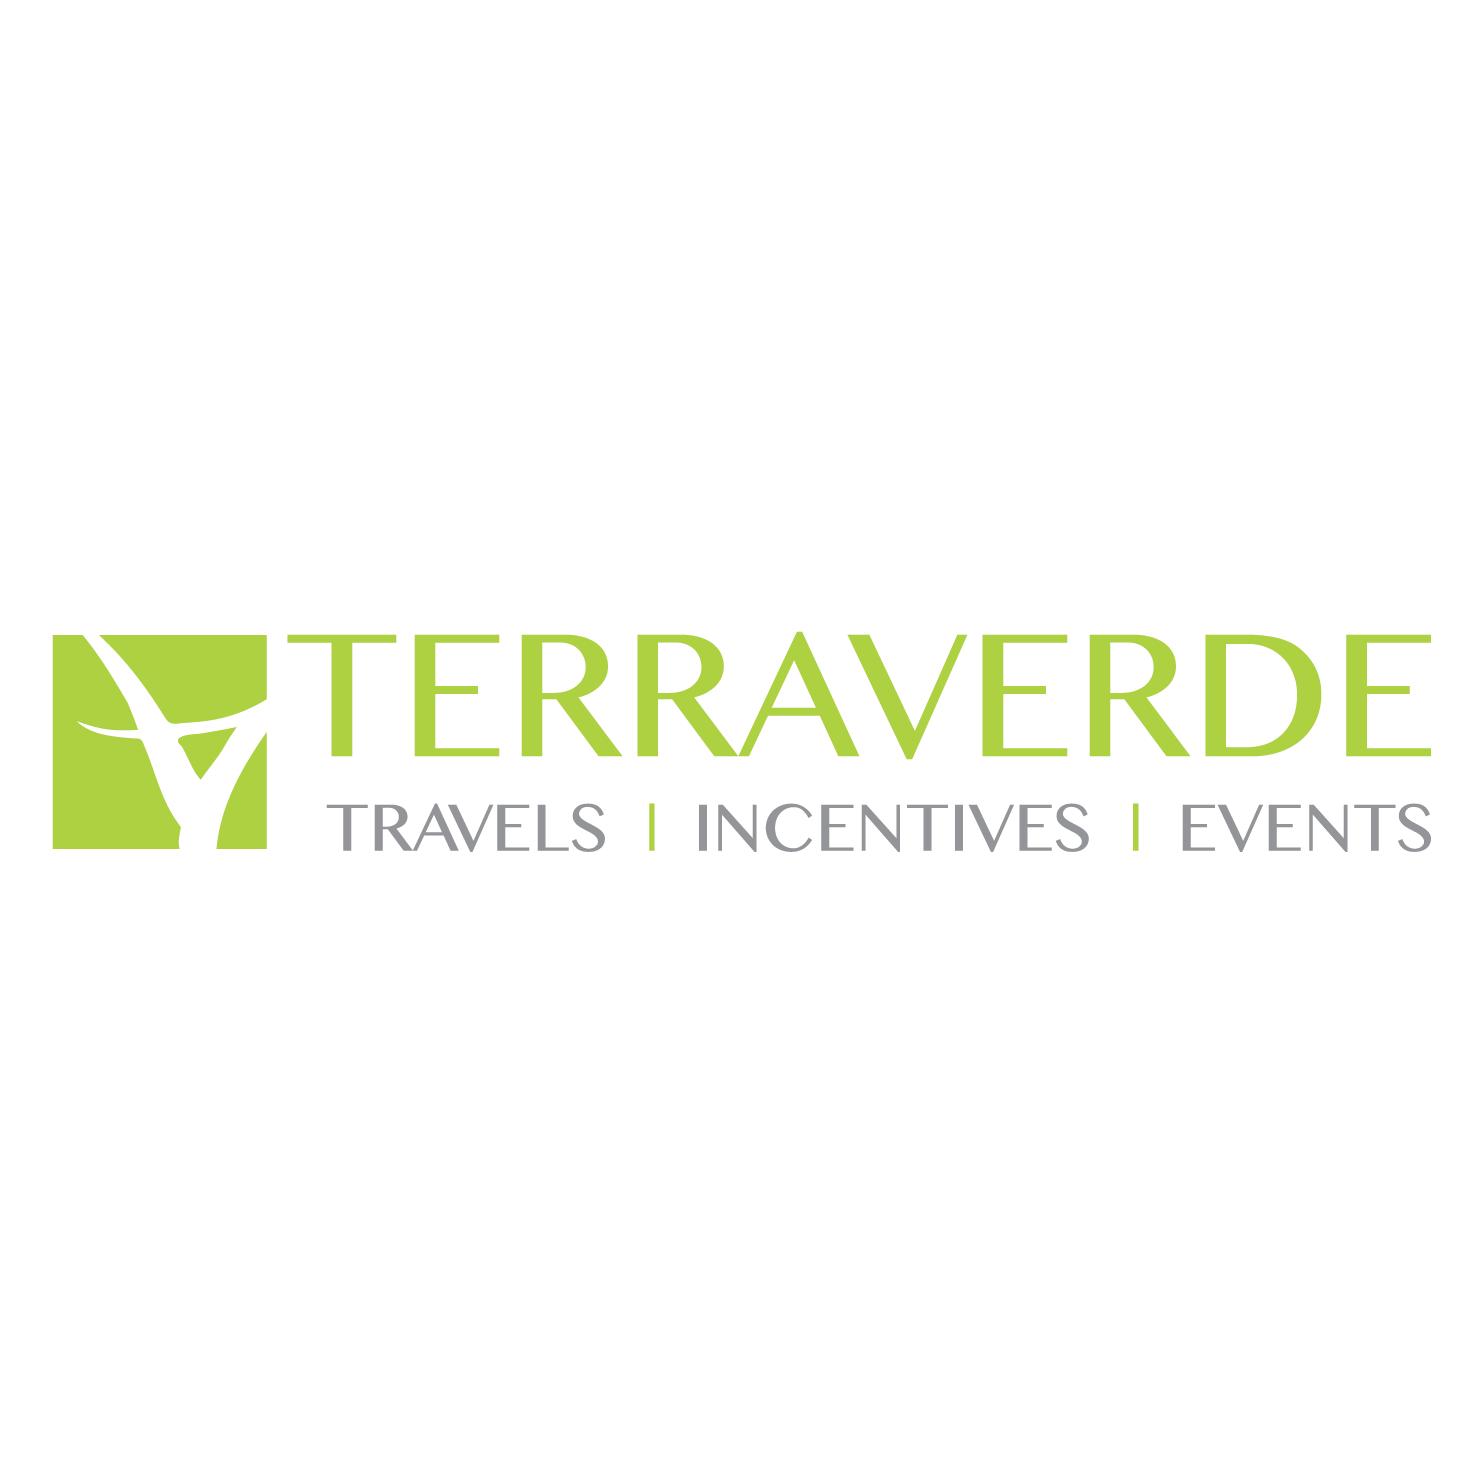 Terraverde Travel